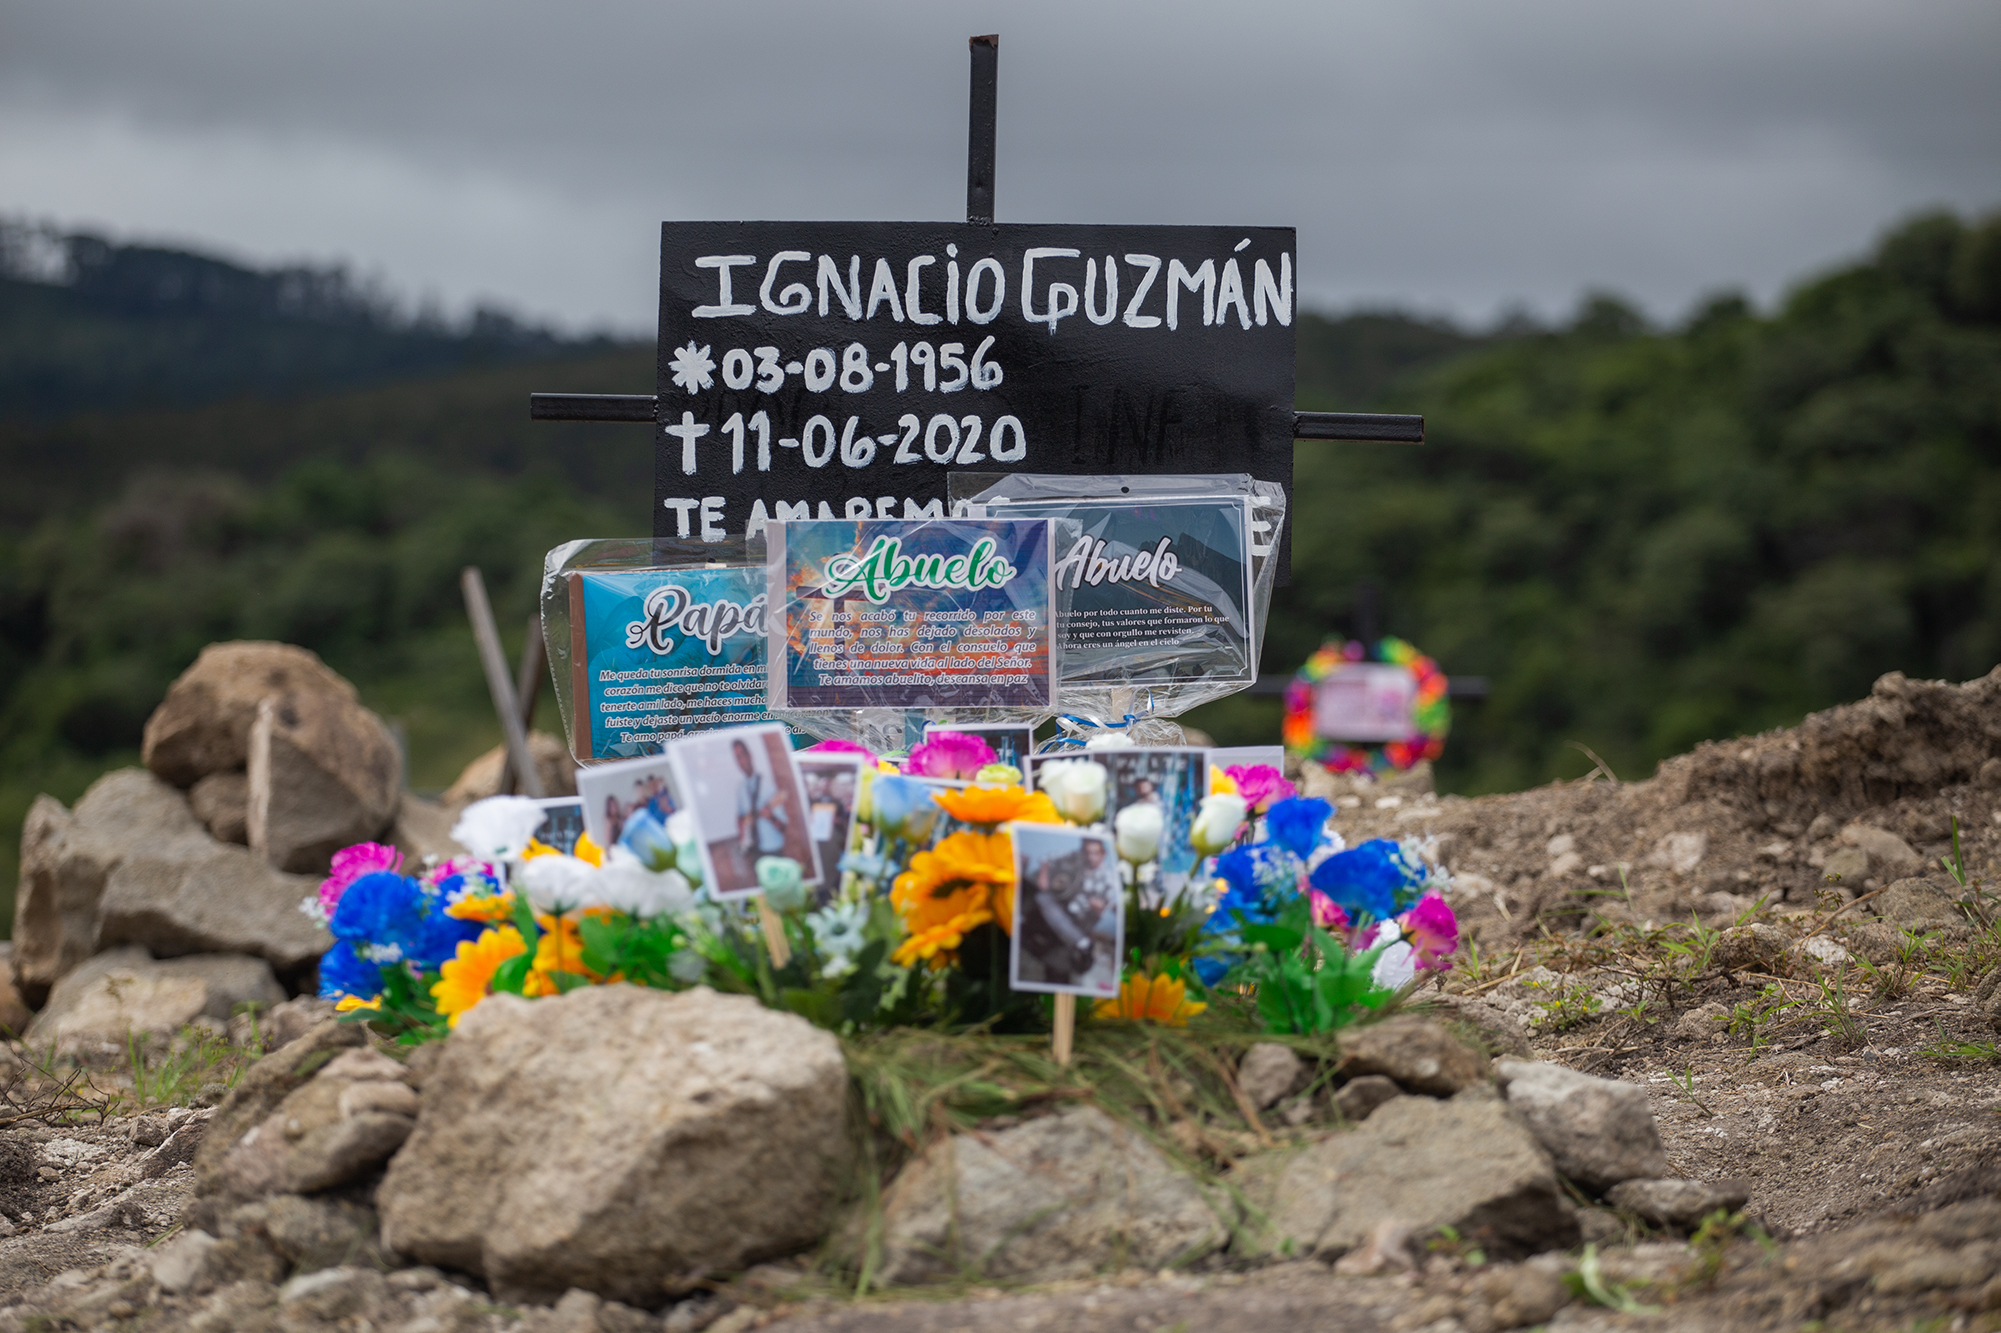 Una tumba adornada con flores y fotografías en el anexo del Parque Memorial Jardín de los Ángeles, un cementerio para personas fallecidas por Covid-19, ubicado en el kilómetro 14 en la carretera que desde el Distrito Central conduce a Olancho. Comayagüela, 2 de noviembre de 2020. Foto: Martín Cálix.